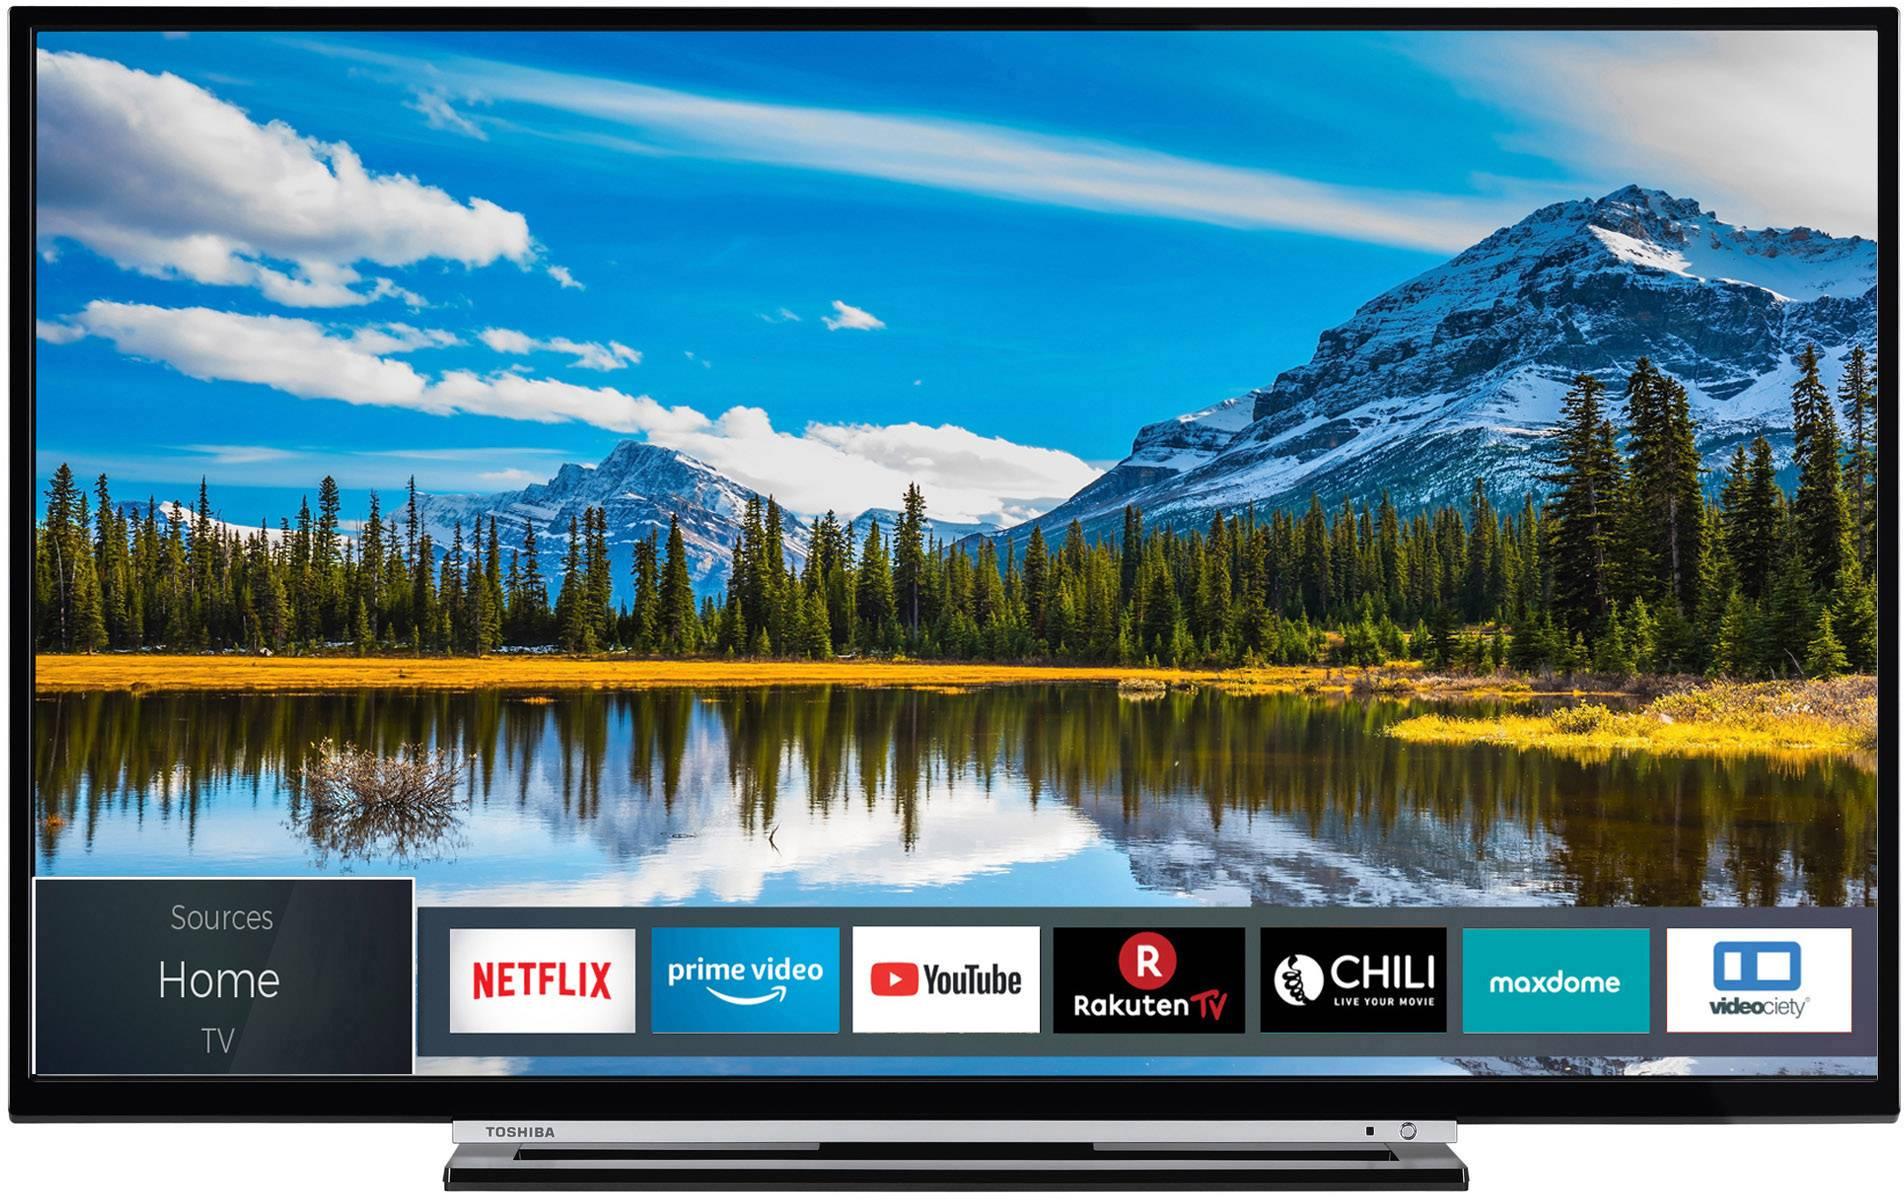 televiseur led toshiba 39l3863da 99 cm 39 pouces eec a a e dvb t2 dvb c dvb s full hd smart tv wi fi ci no